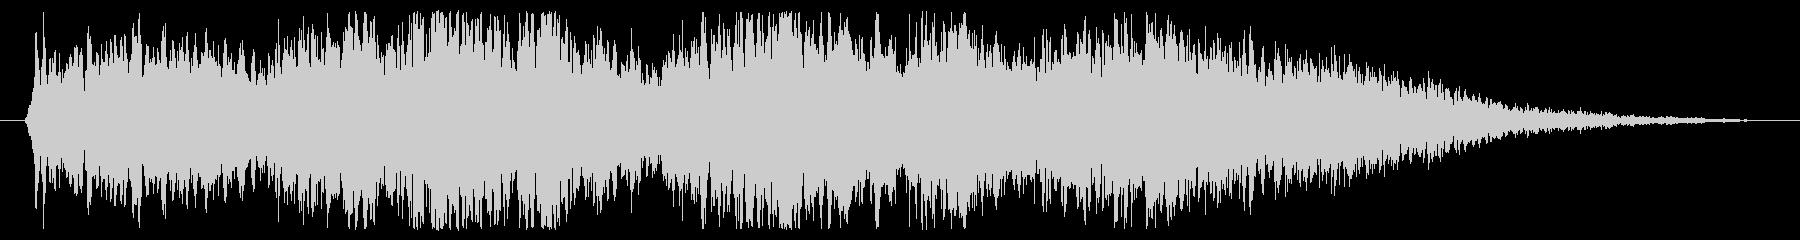 合唱団 ハレルヤショート01の未再生の波形